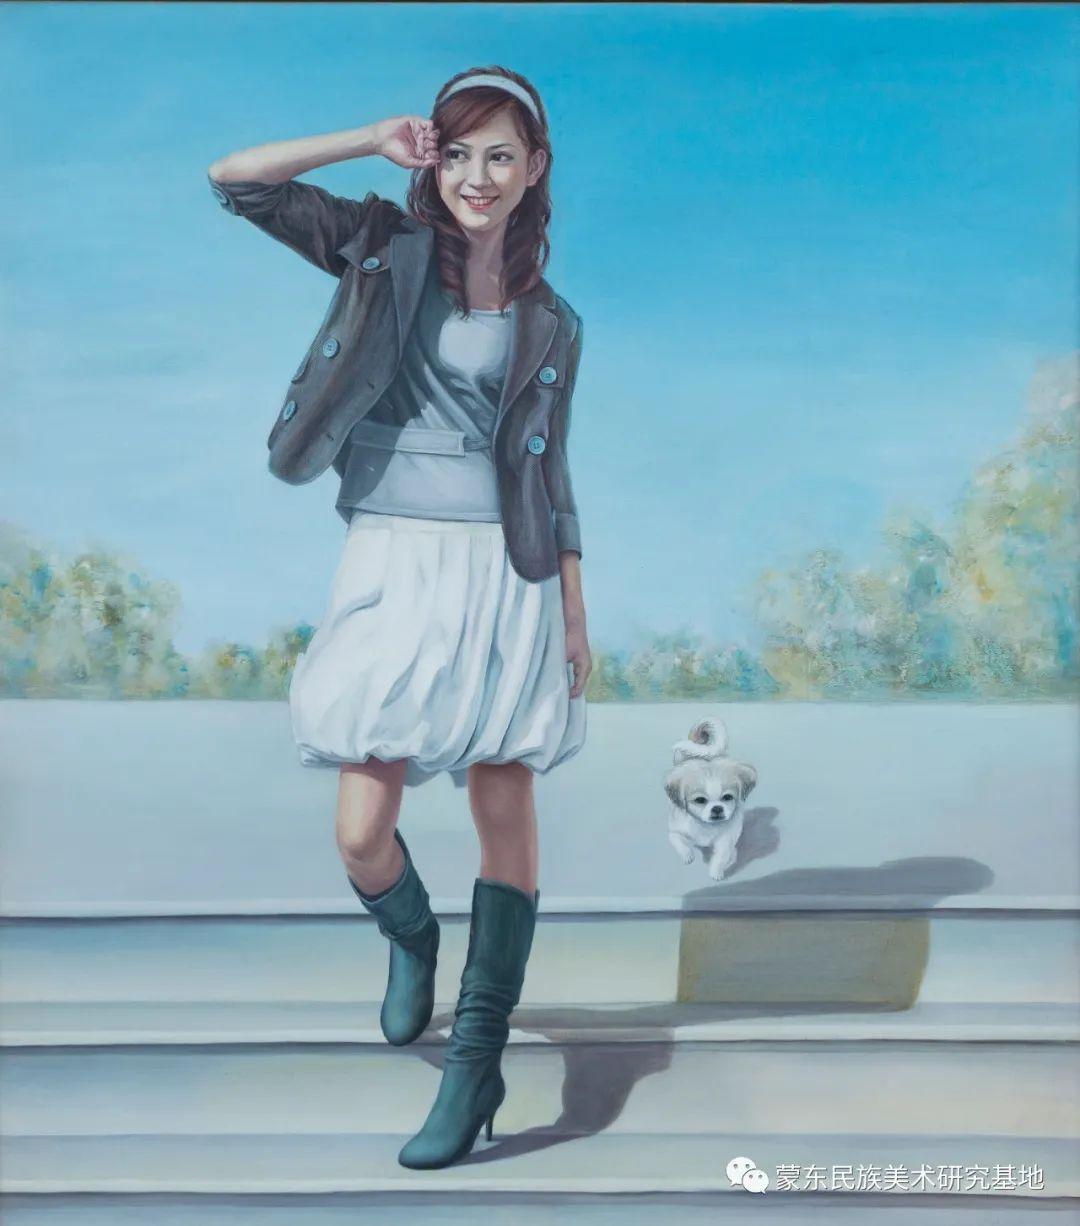 科尔沁首届油画展作品集 第57张 科尔沁首届油画展作品集 蒙古画廊